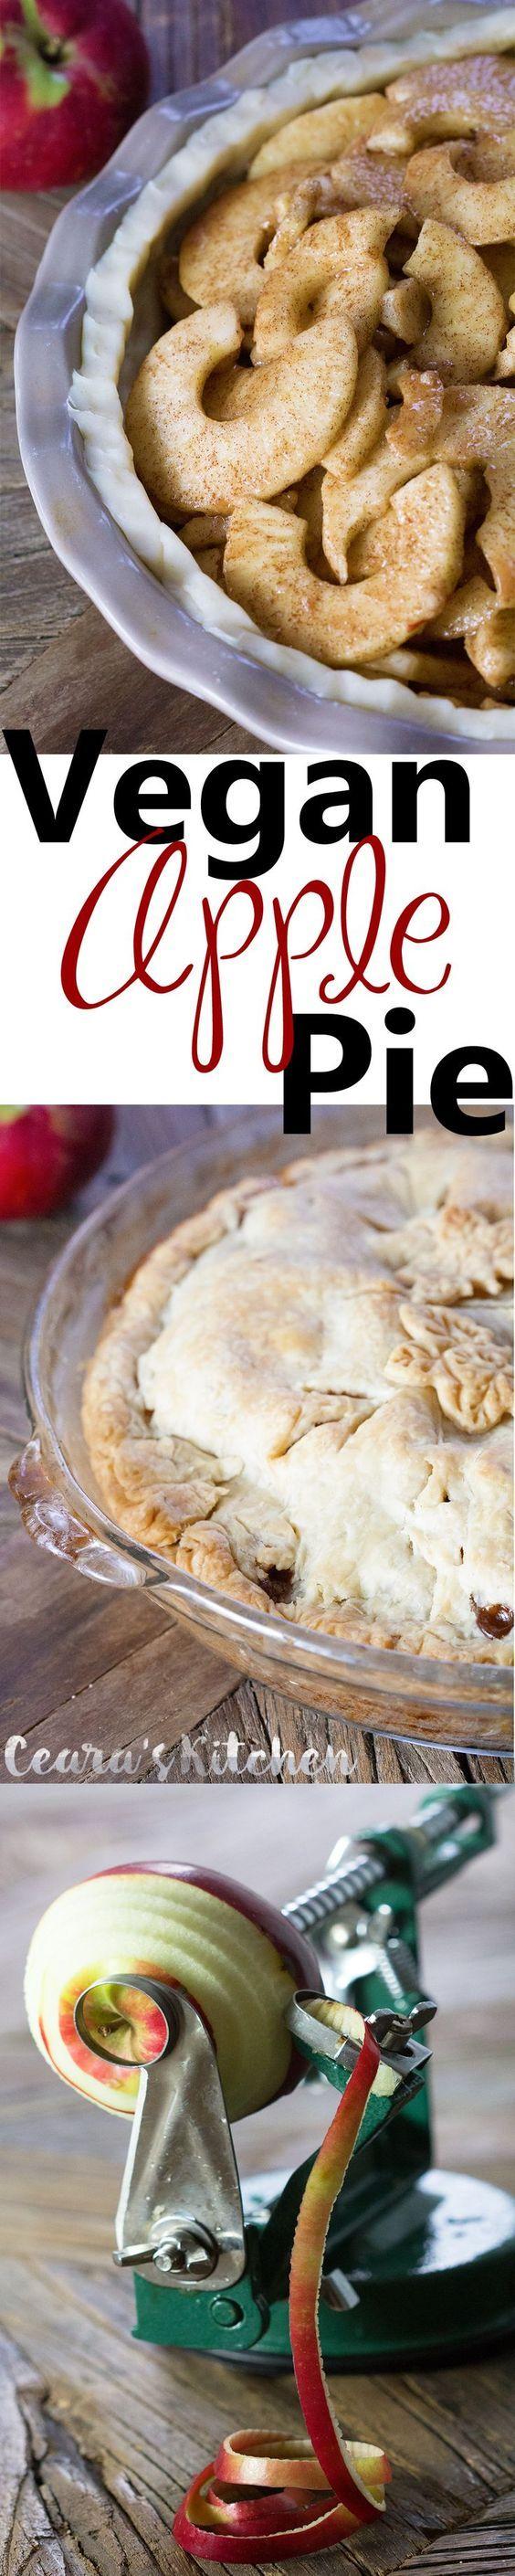 Rustic Vegan Apple Pie Recipe